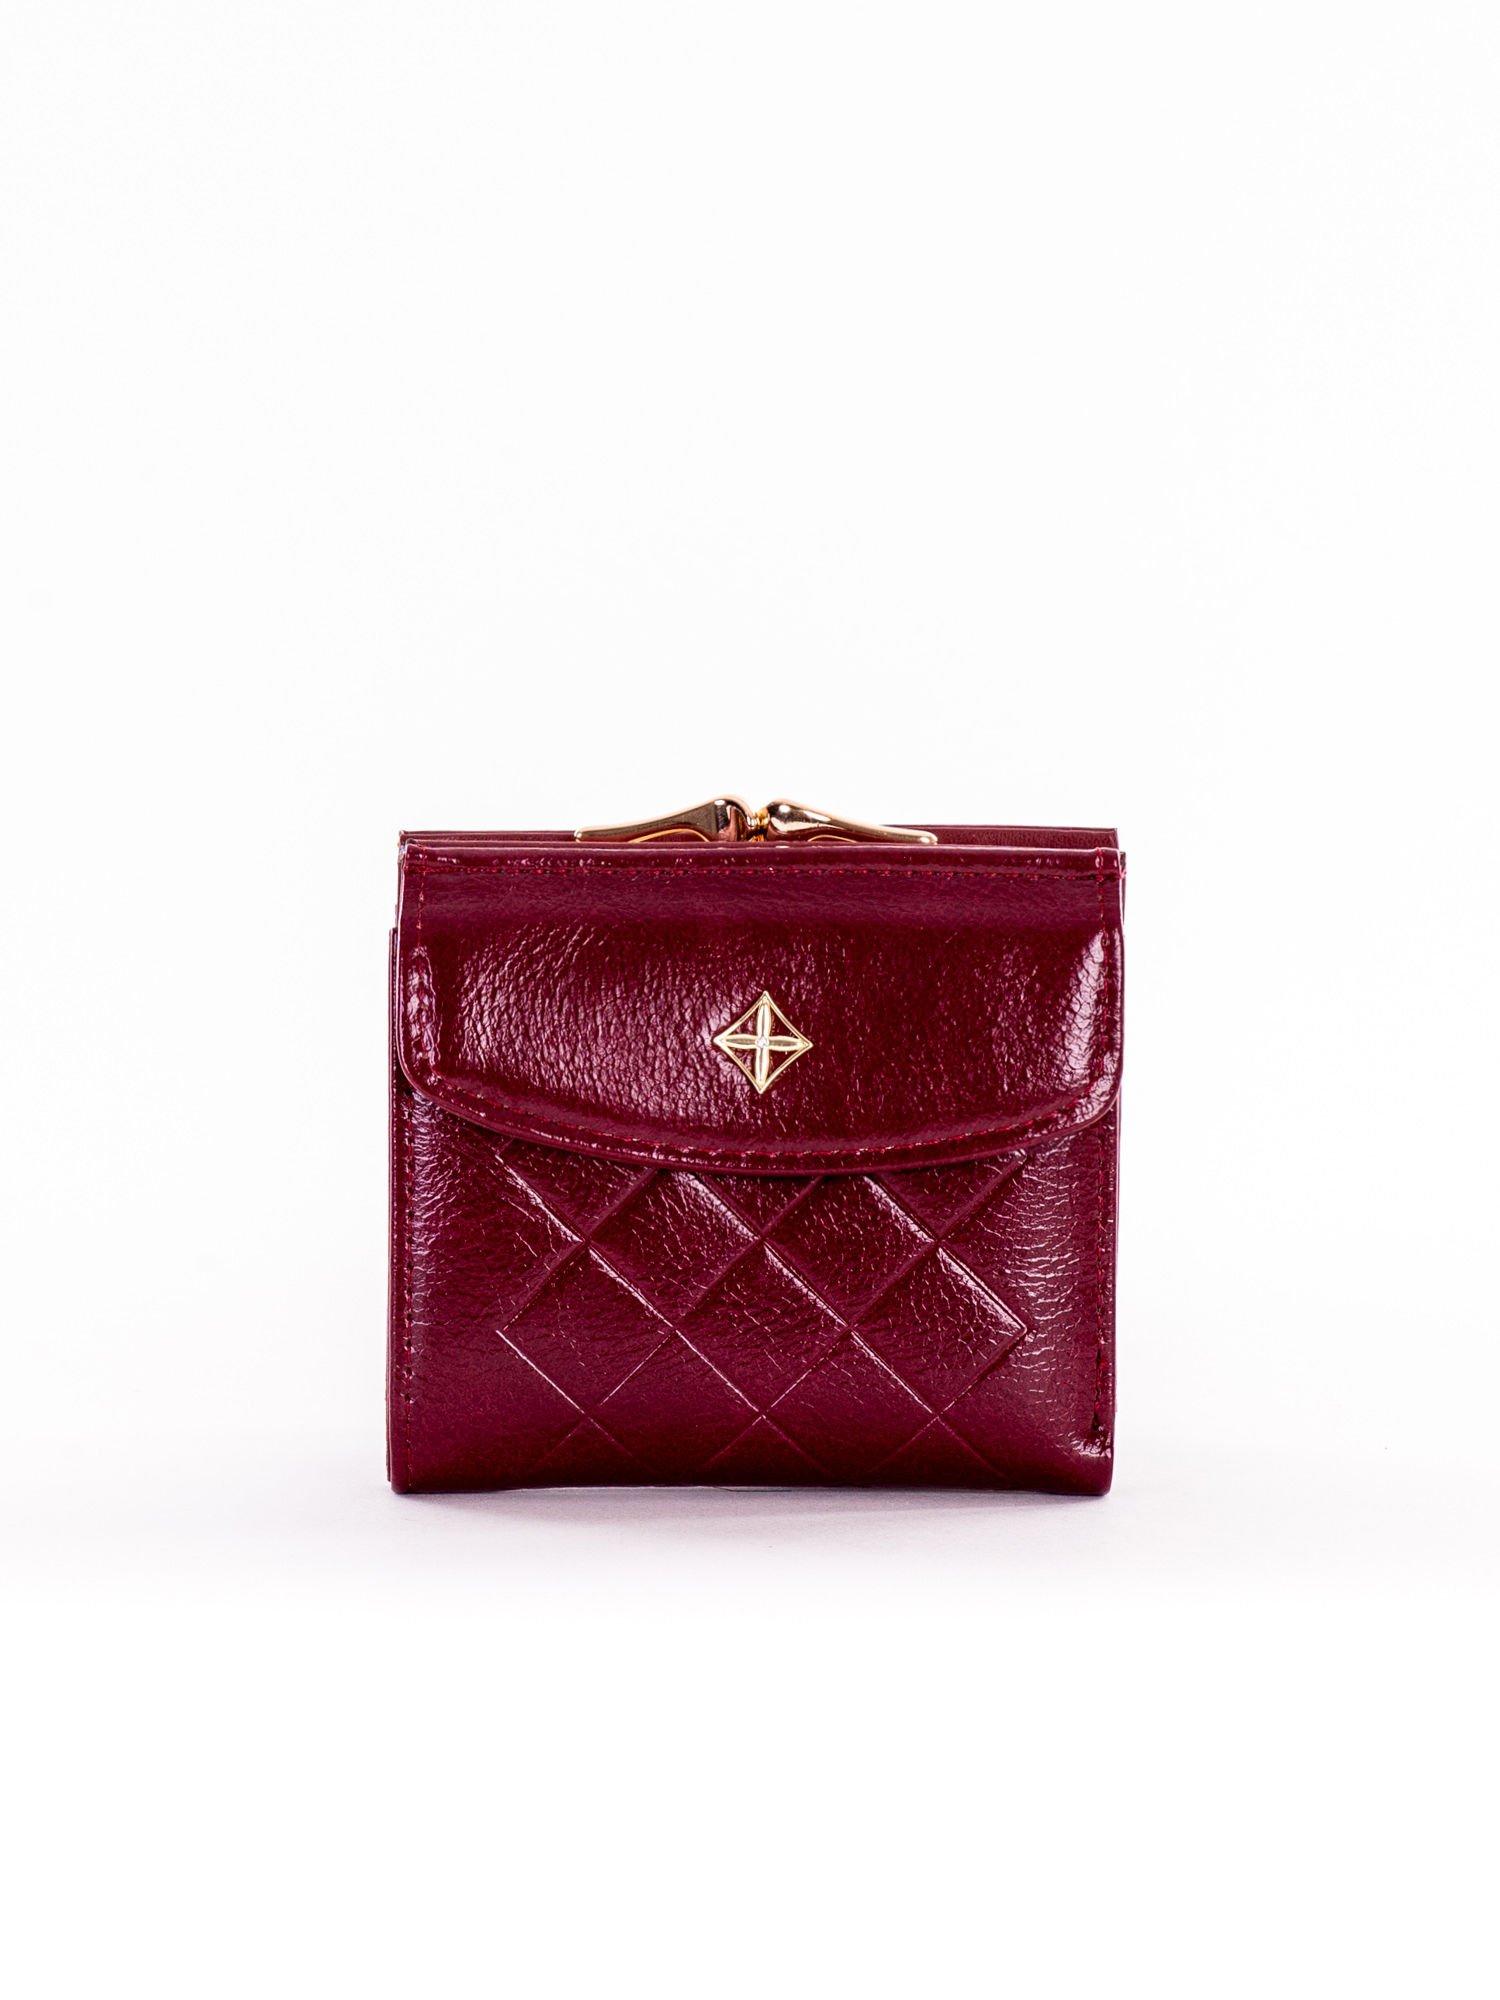 e912709db1c51 Mały elegancki bordowy portfel damski na bigiel - Akcesoria portfele ...